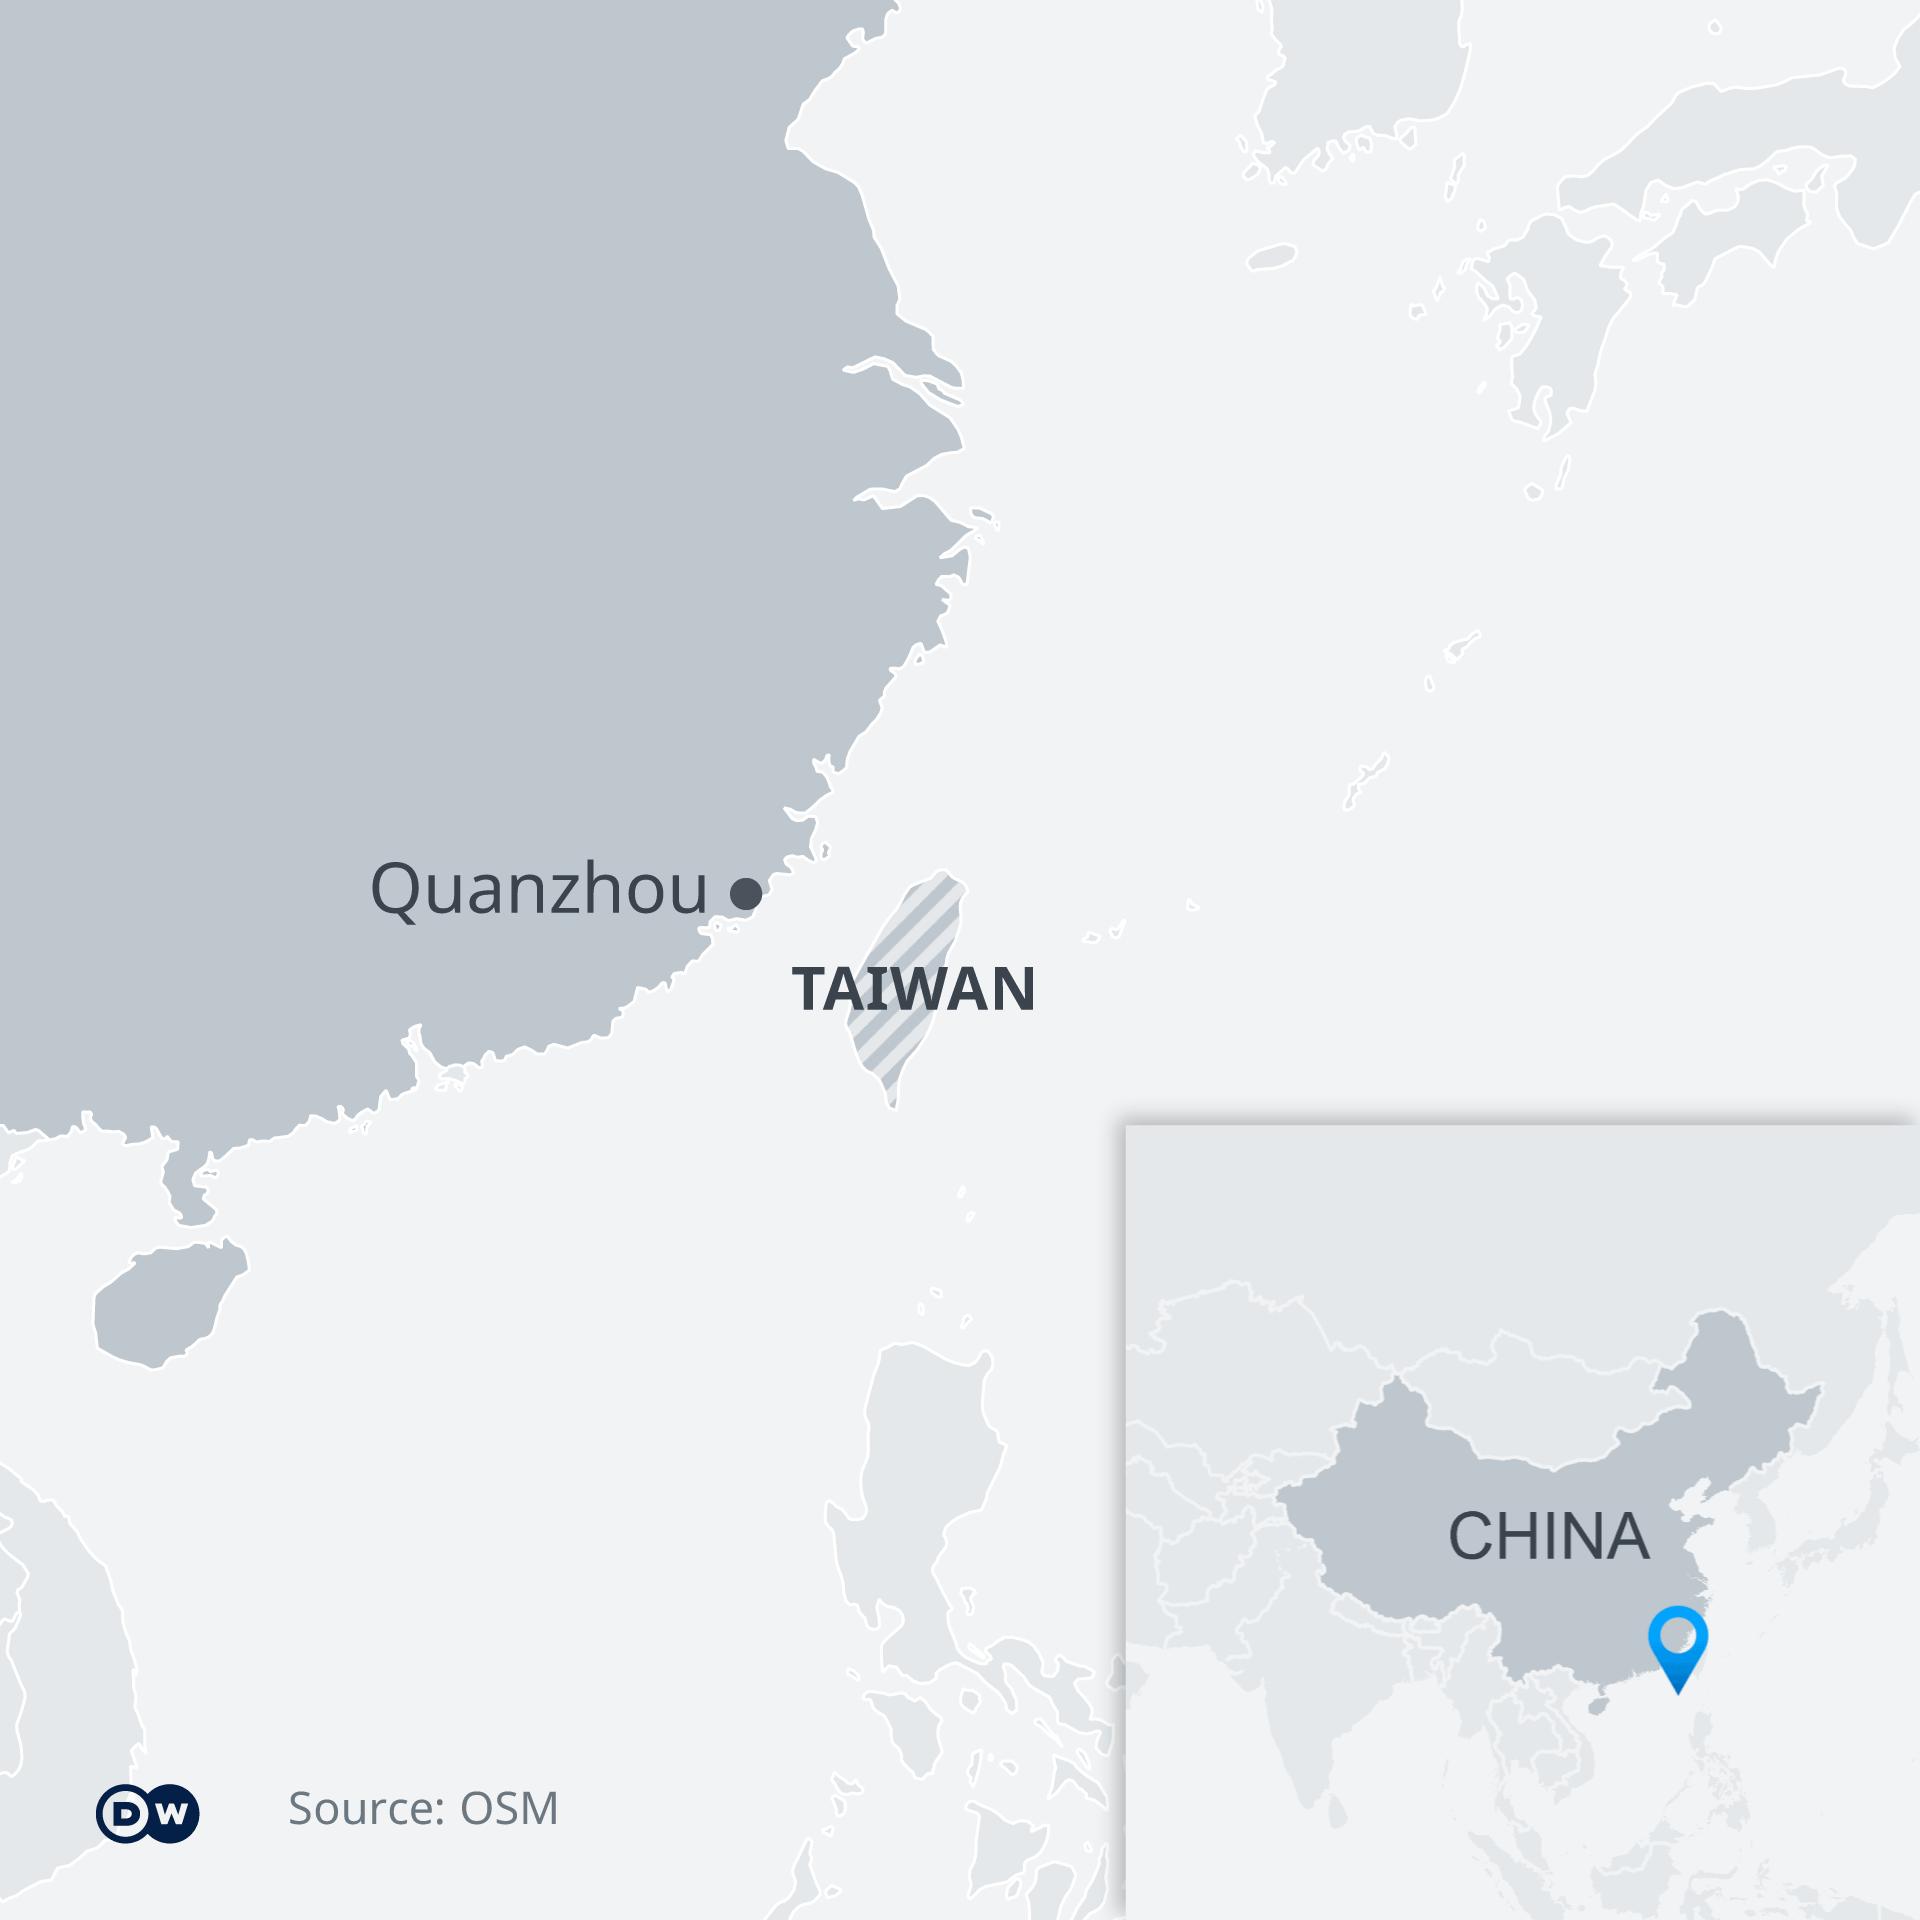 Map showing Quanzhou in China